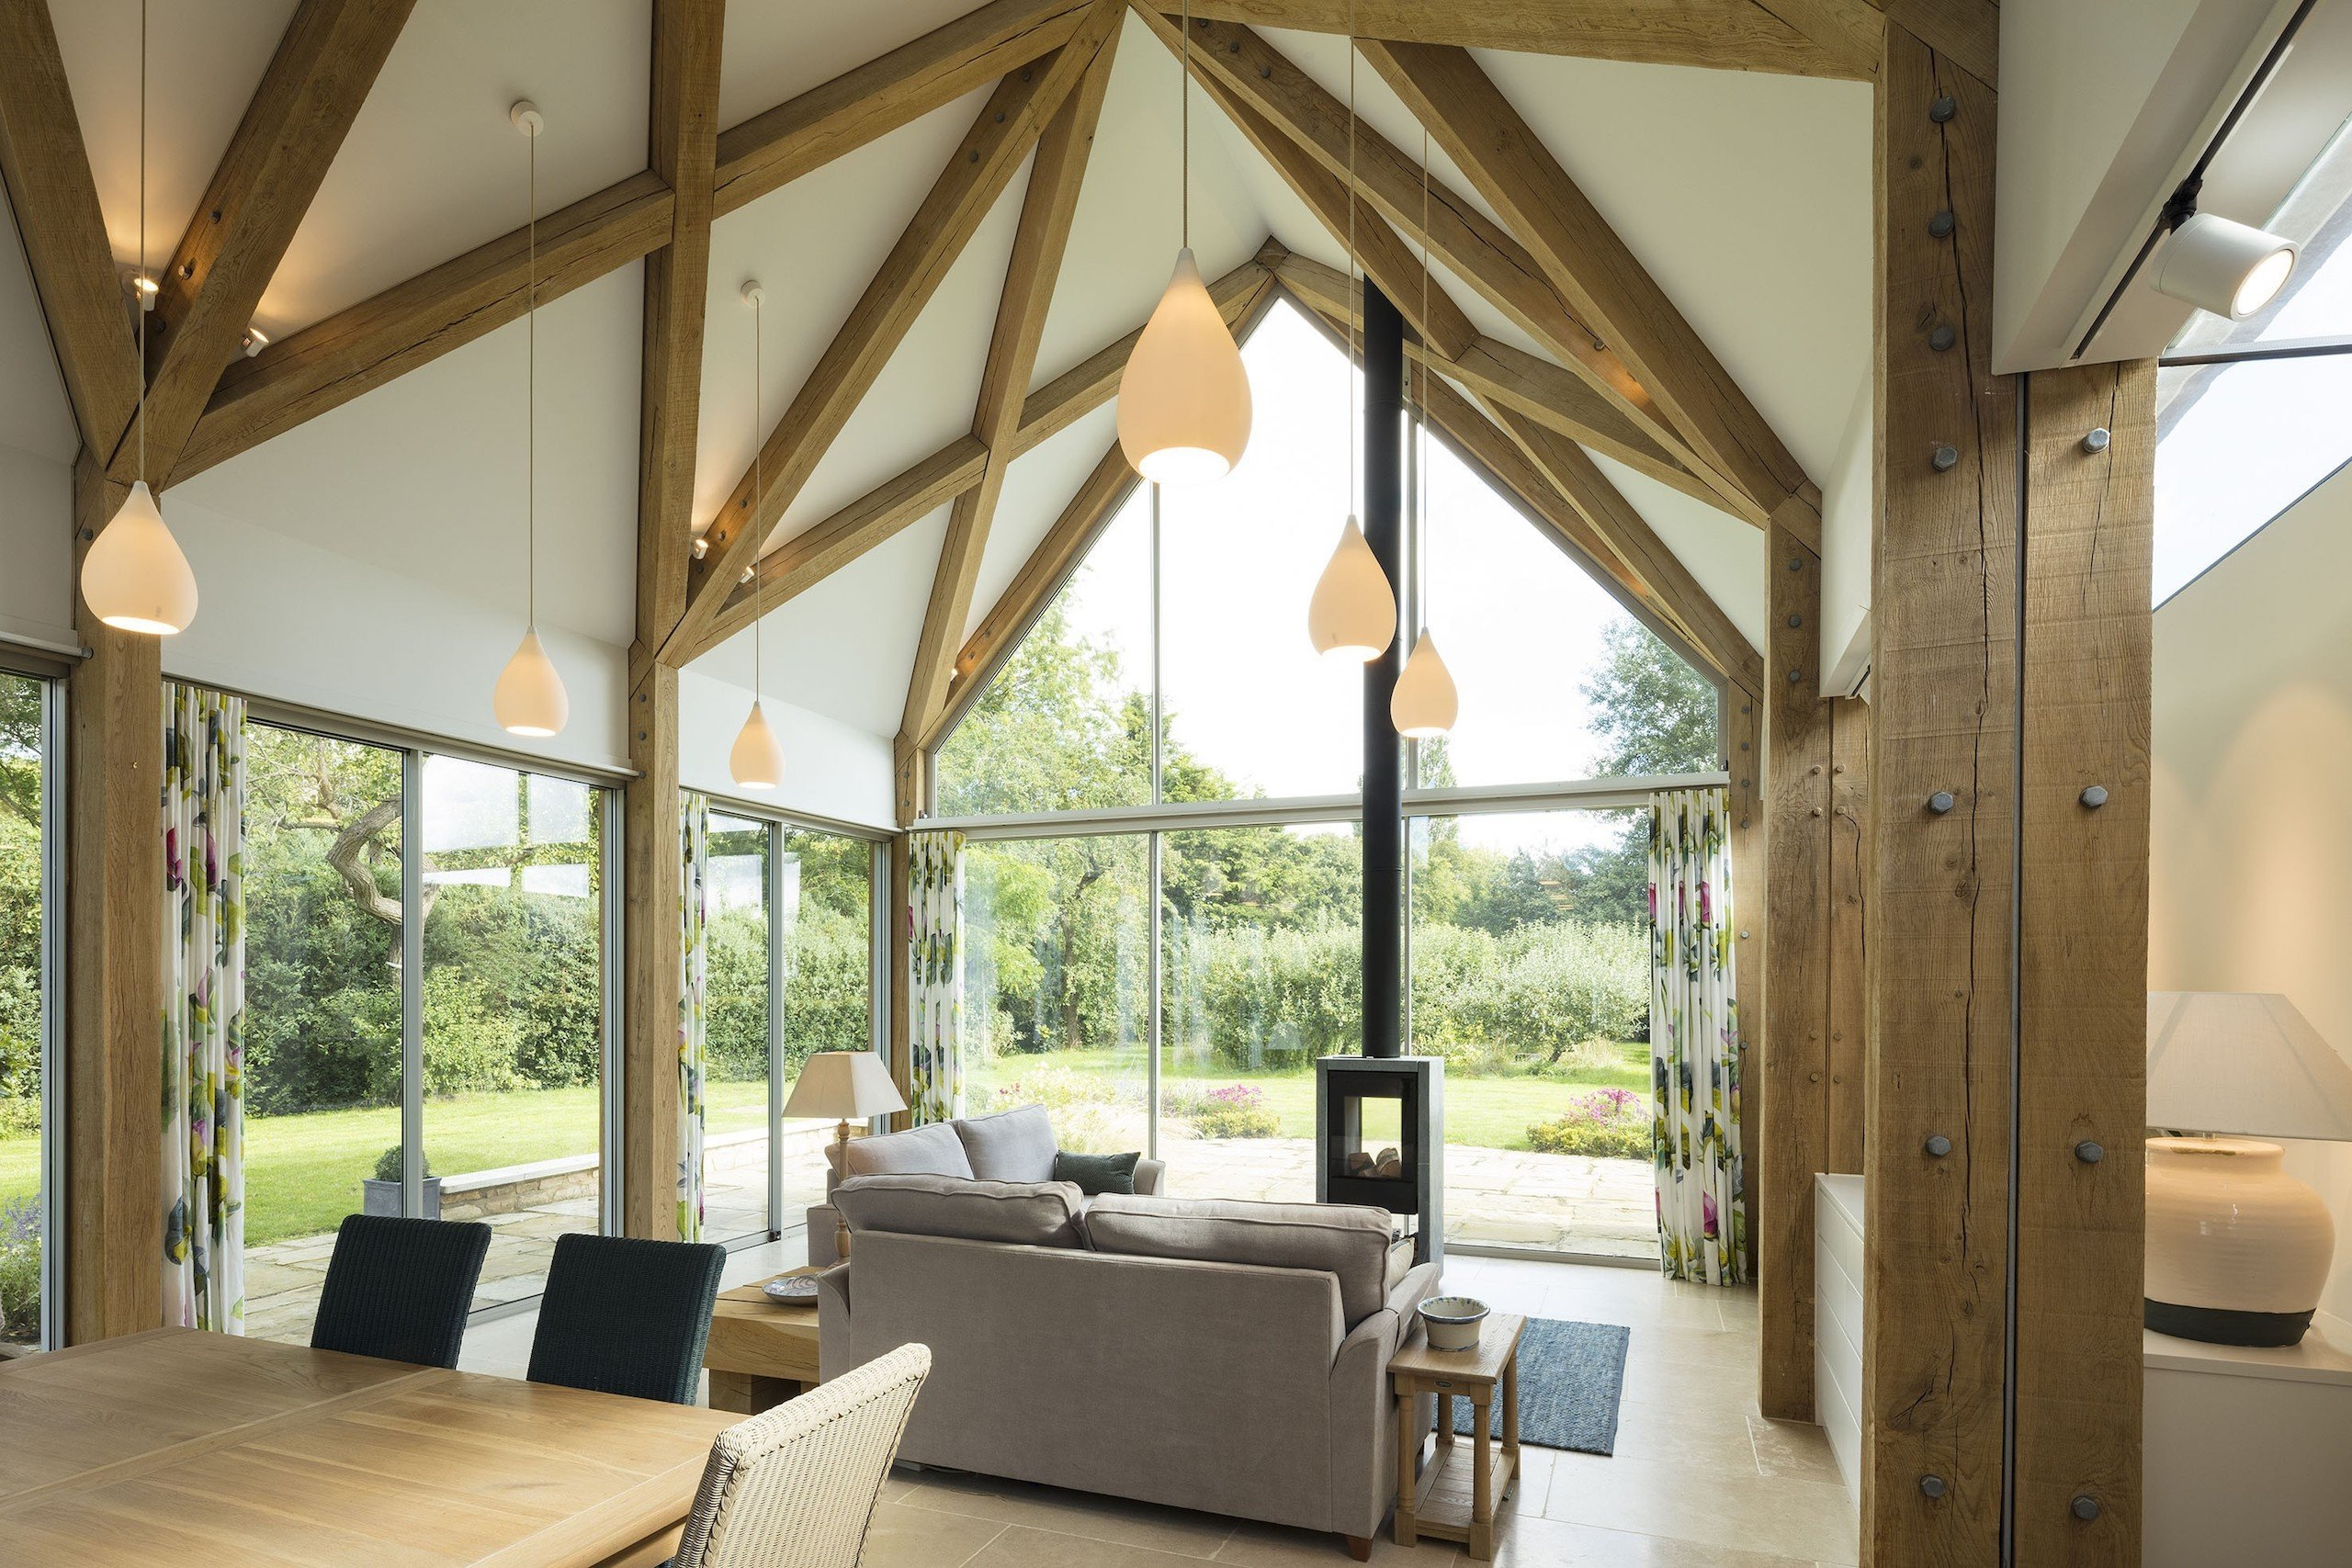 """Dům s názvem ,,Green Farm"""" stojí v hrabství Oxfordshire v jihovýchodní Anglii. Nová moderní stavba úspěšně kombinuje staré prvky s moderními a na první pohled zapadá do místní zástavby. Sedlová střecha, dřevěná konstrukce, galerie pro spaní a obrovské prosklené plochy. To vše je pro tento dům typické."""